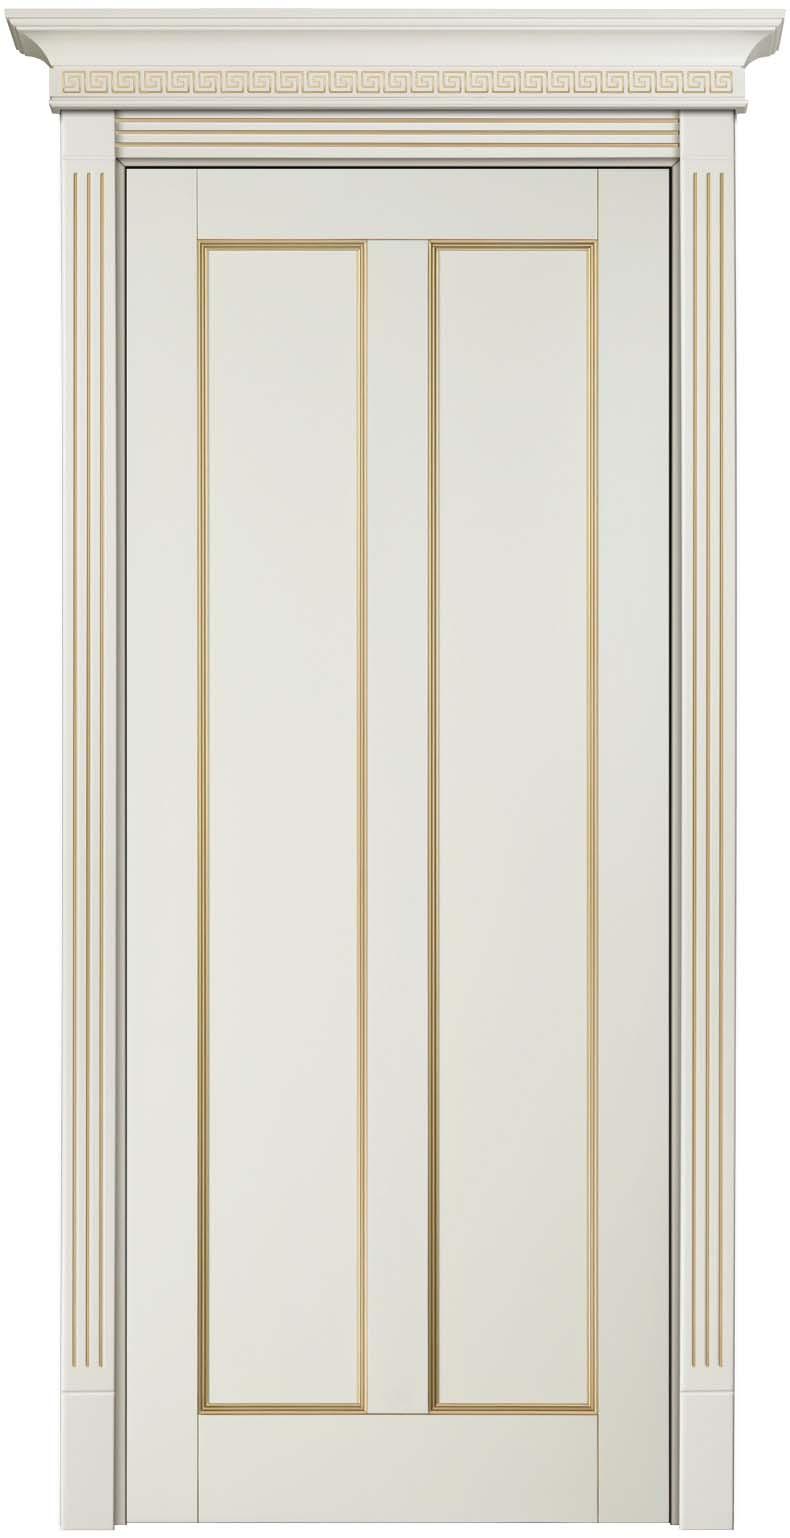 Крашенная эмалью дверь массив бука с золотой патиной Амати